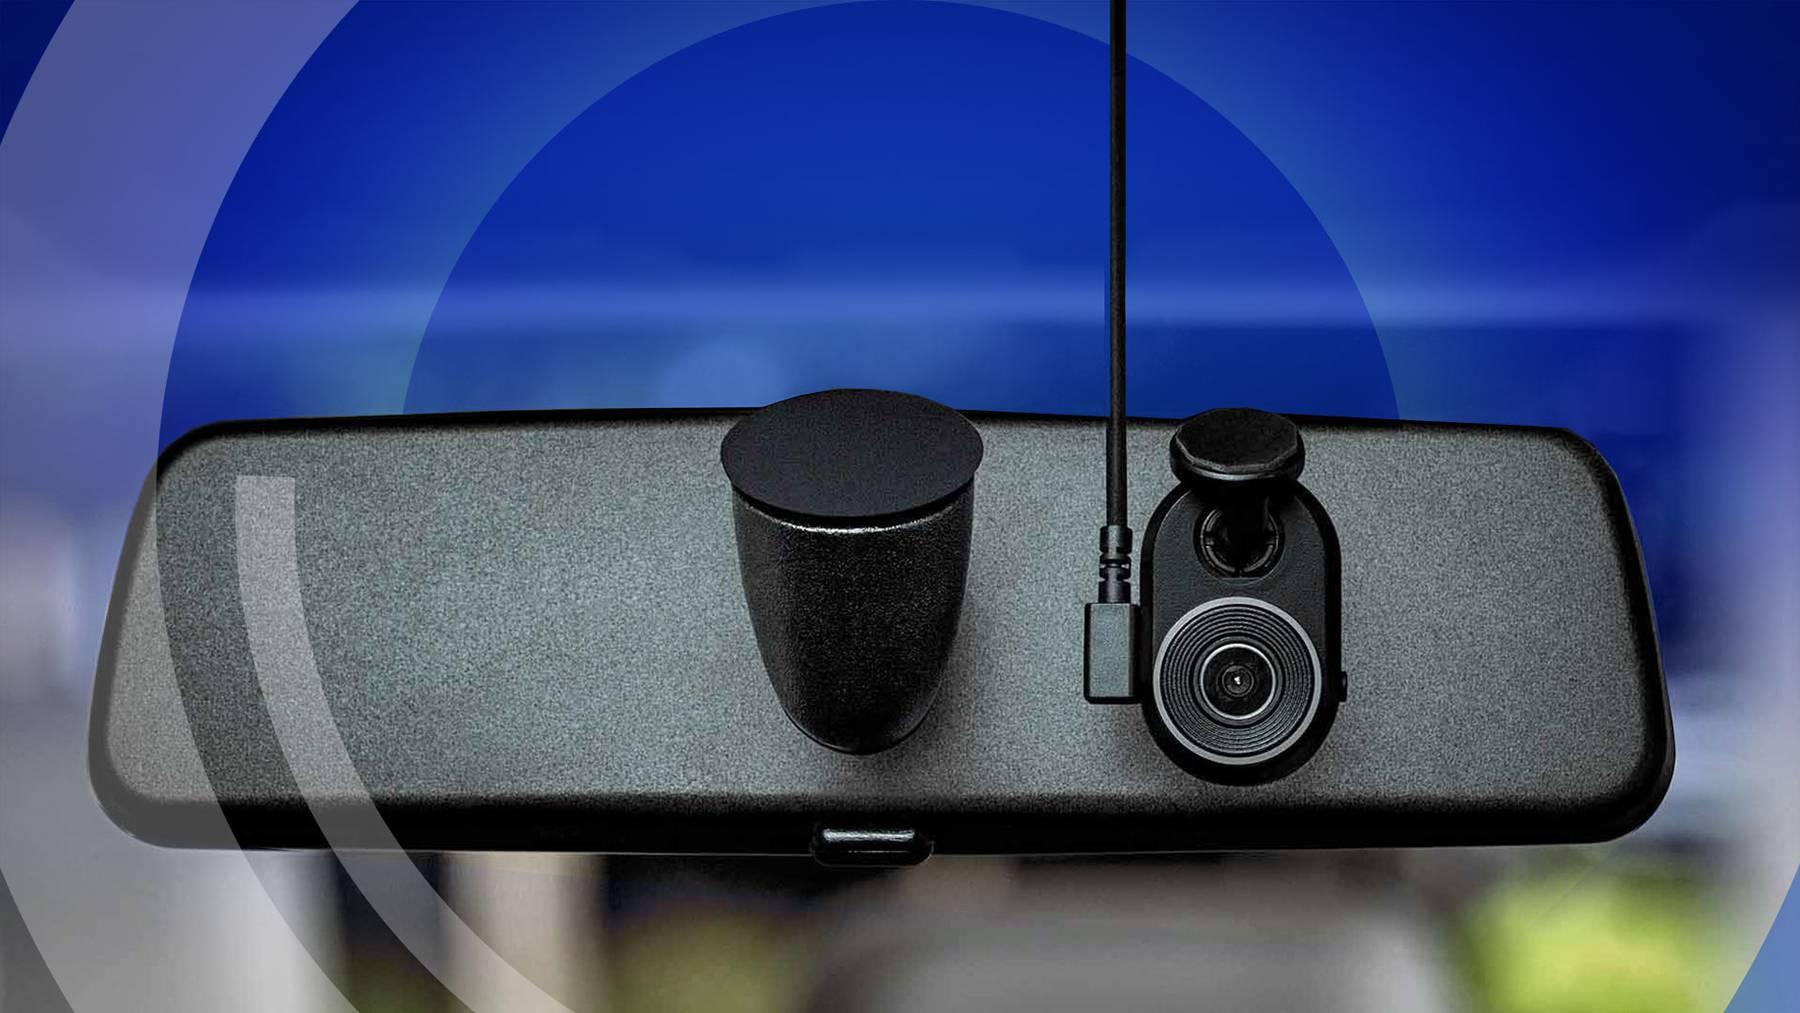 Aufnahmen von Dashcams dienen vor Gericht nicht als Beweismittel